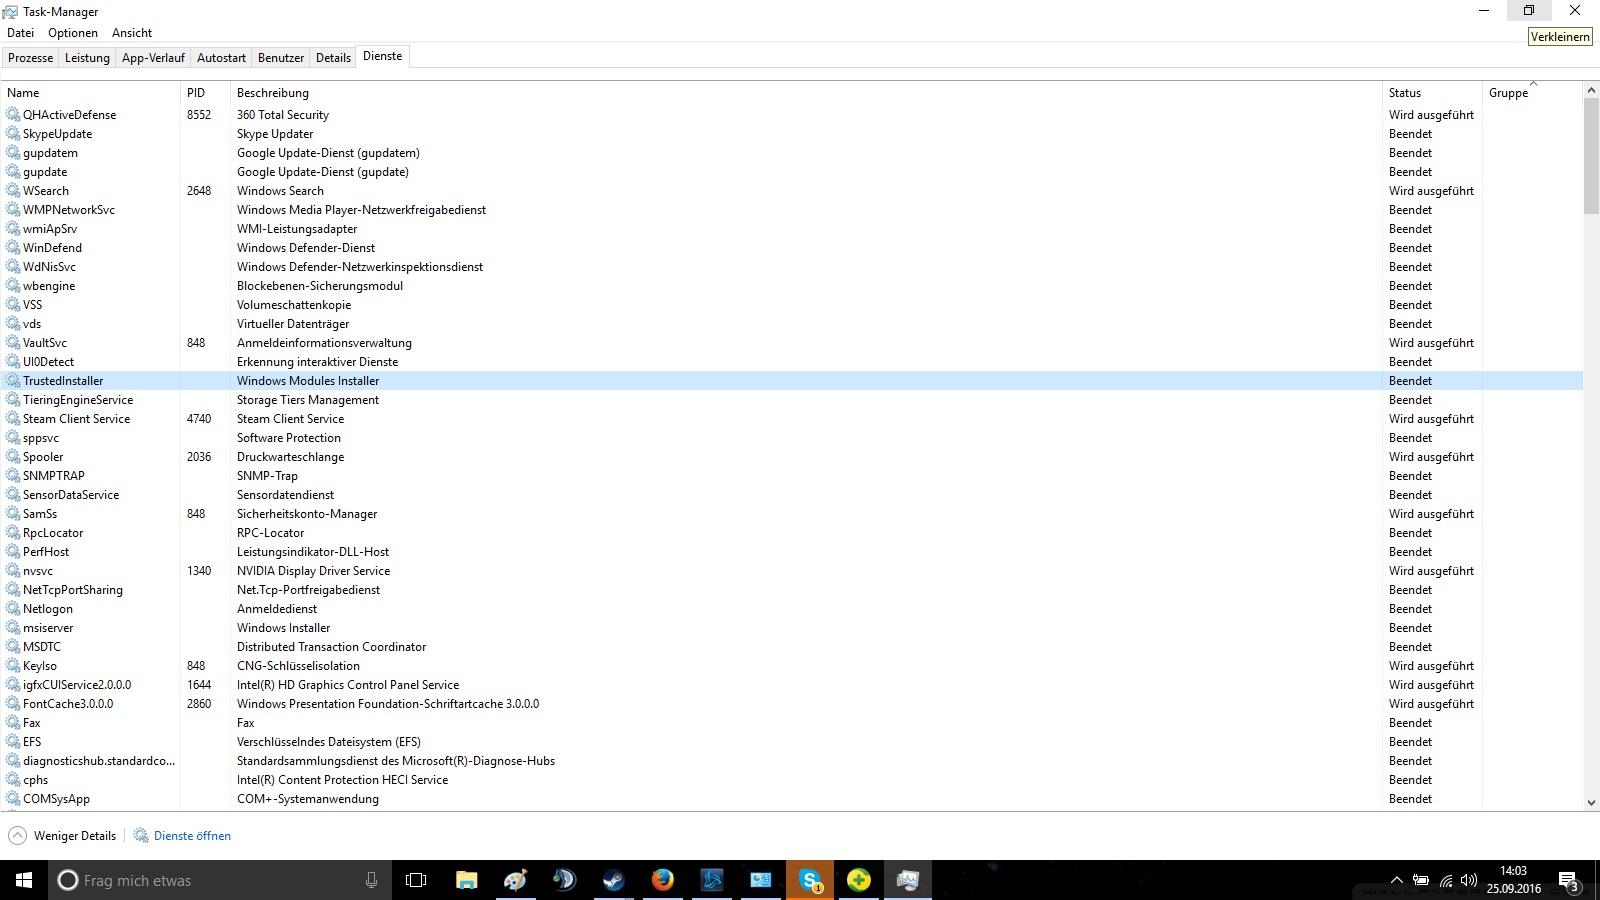 woher weiß ich ob ich windows 7 habe